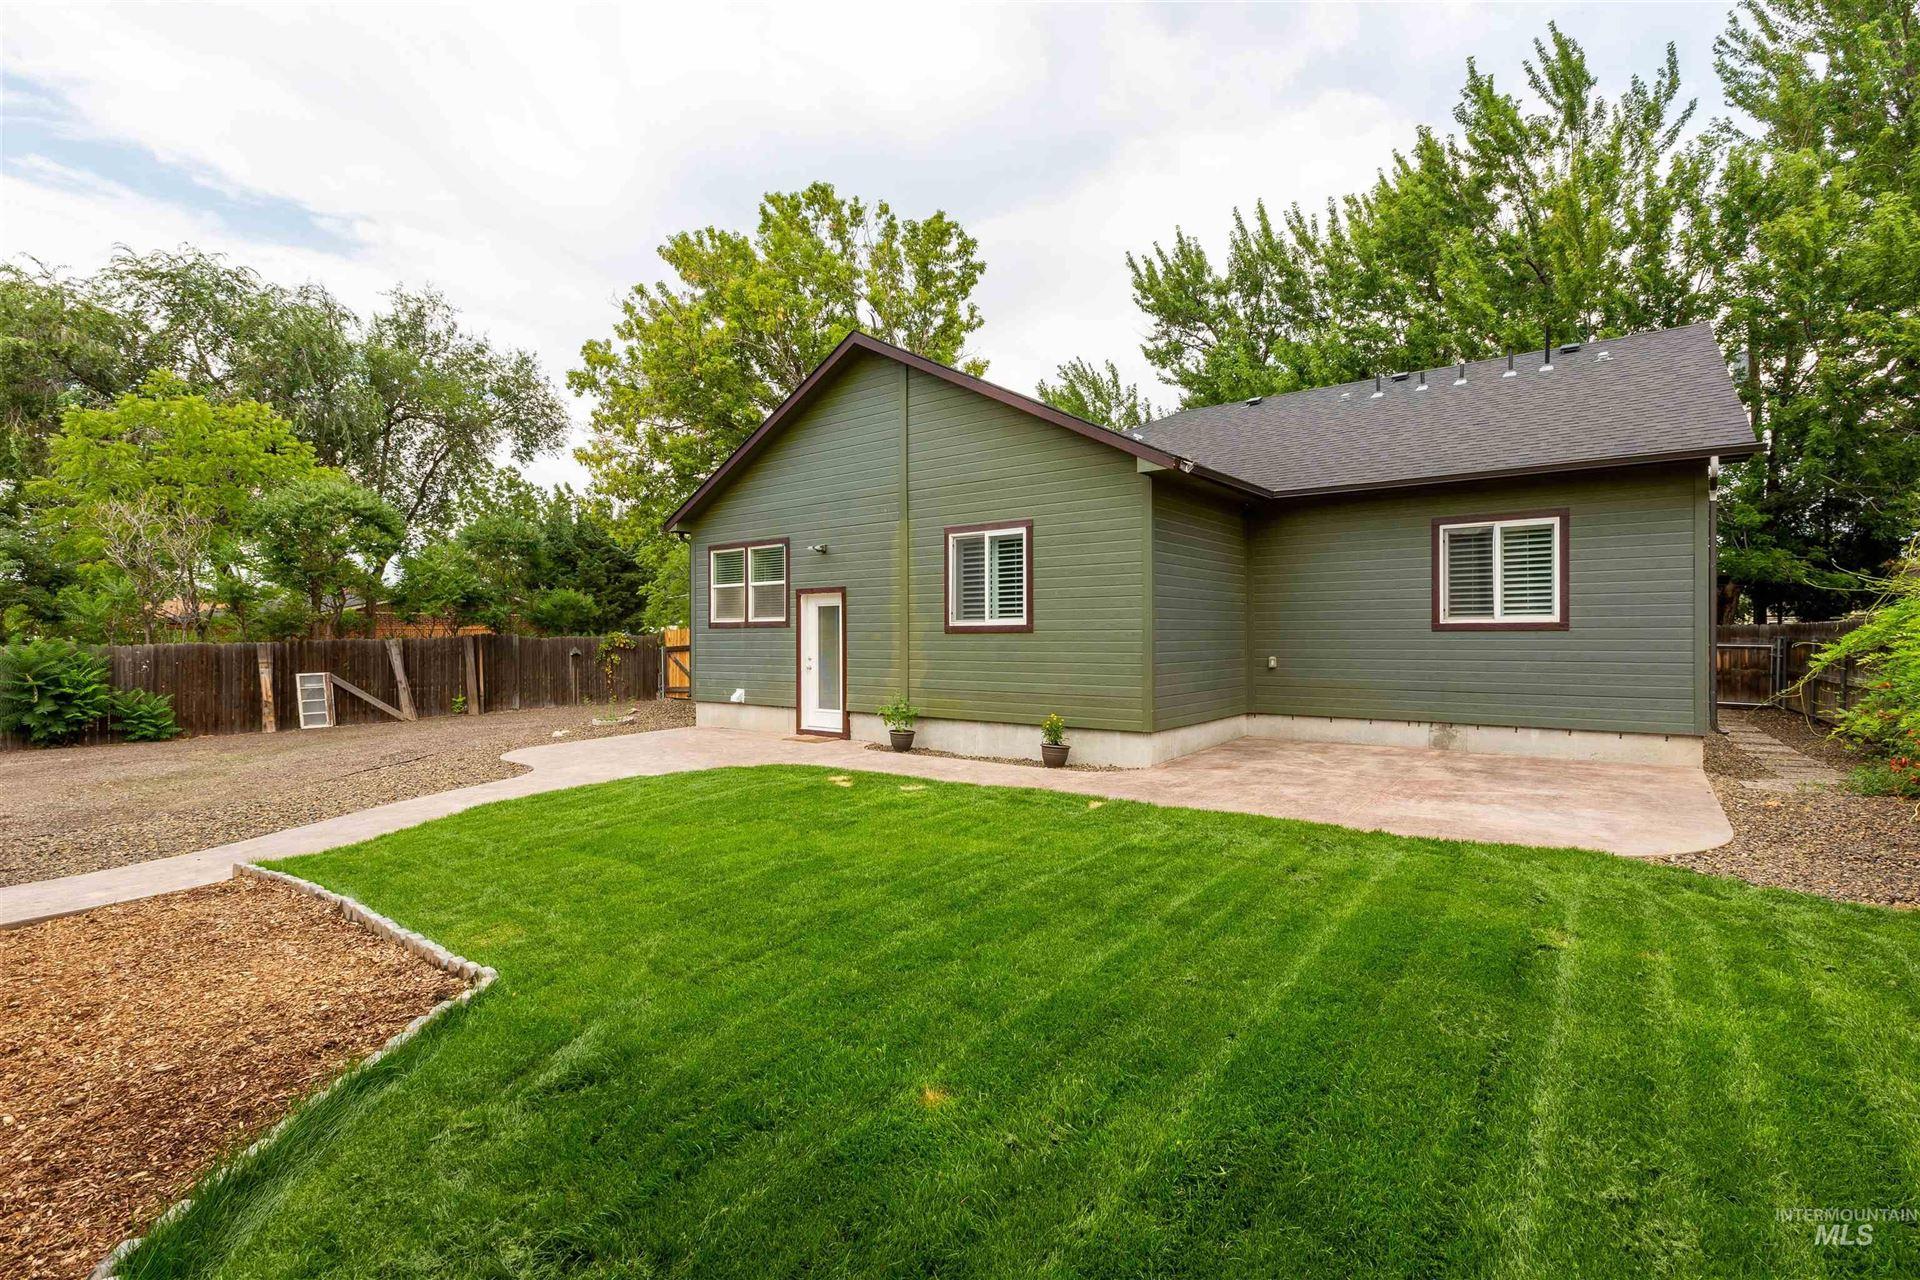 4419 W Kootenai St., Boise, ID 83705 - MLS#: 98814814